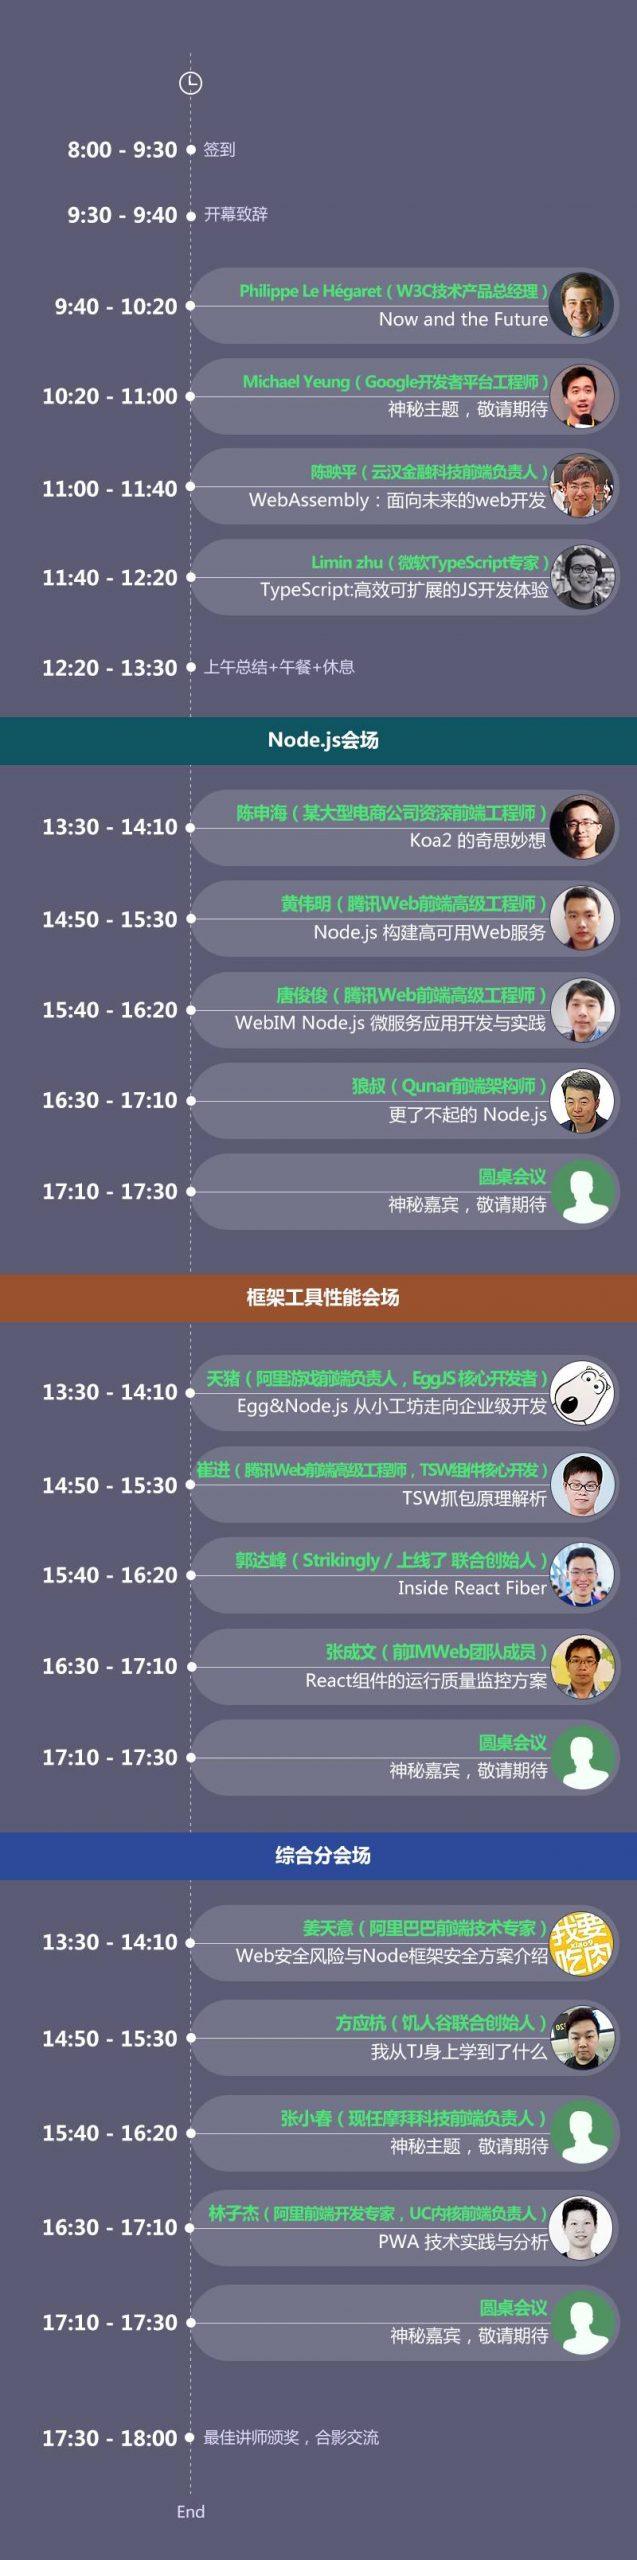 大咖云集!IMWebConf 2017 前端大会即将在深圳盛大开幕